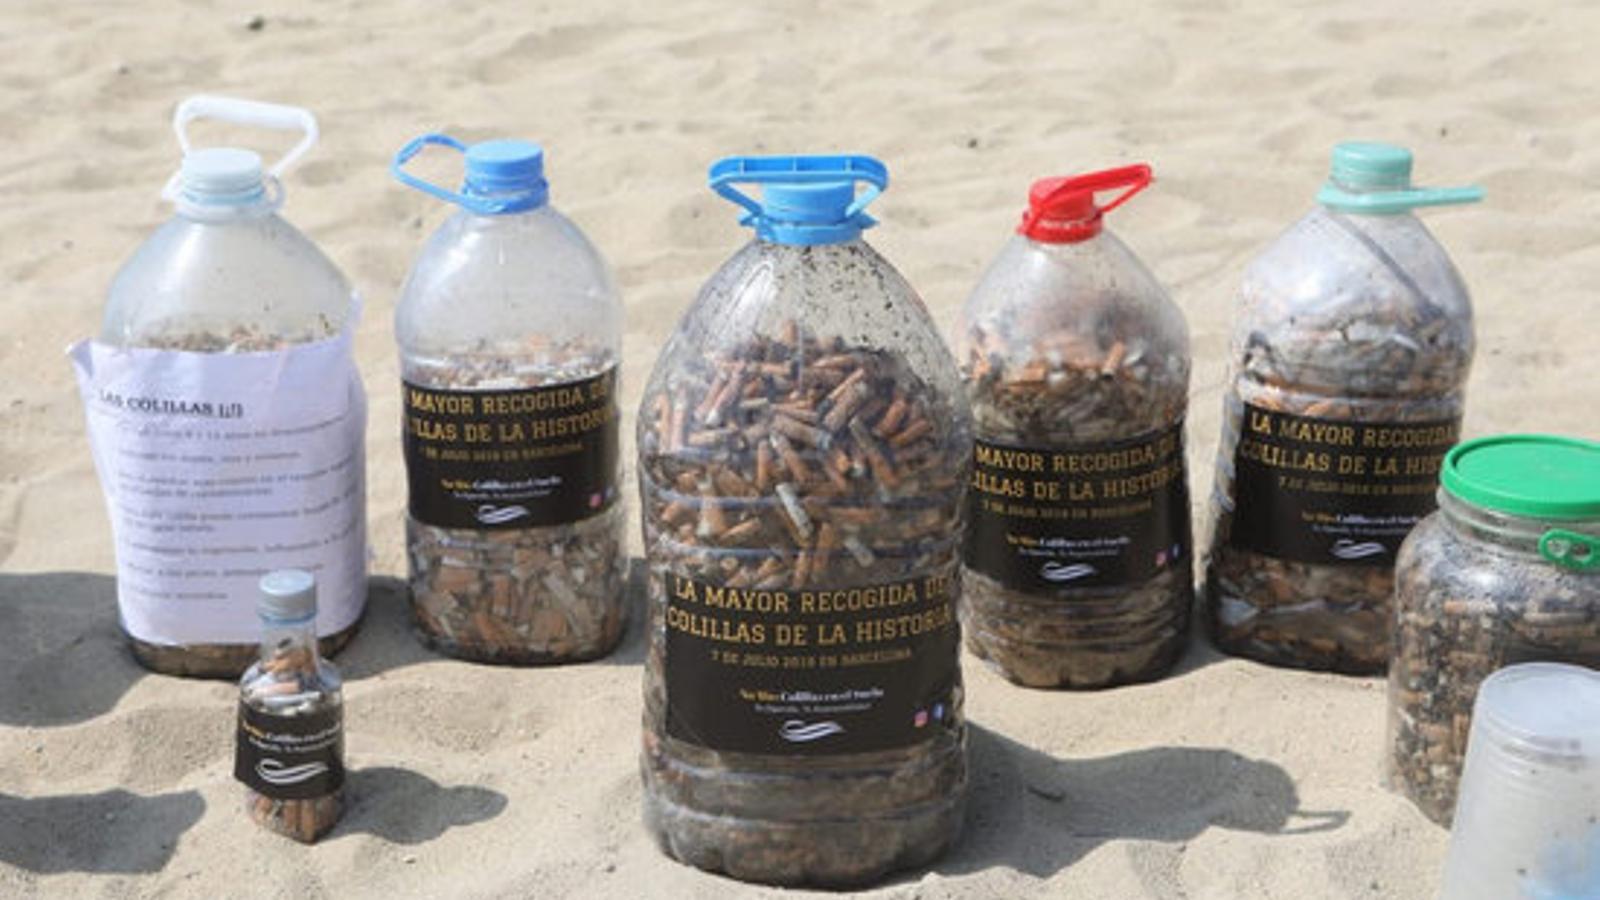 Cacera a les burilles, el residu més tòxic que infesta la platges de Barcelona / ACN